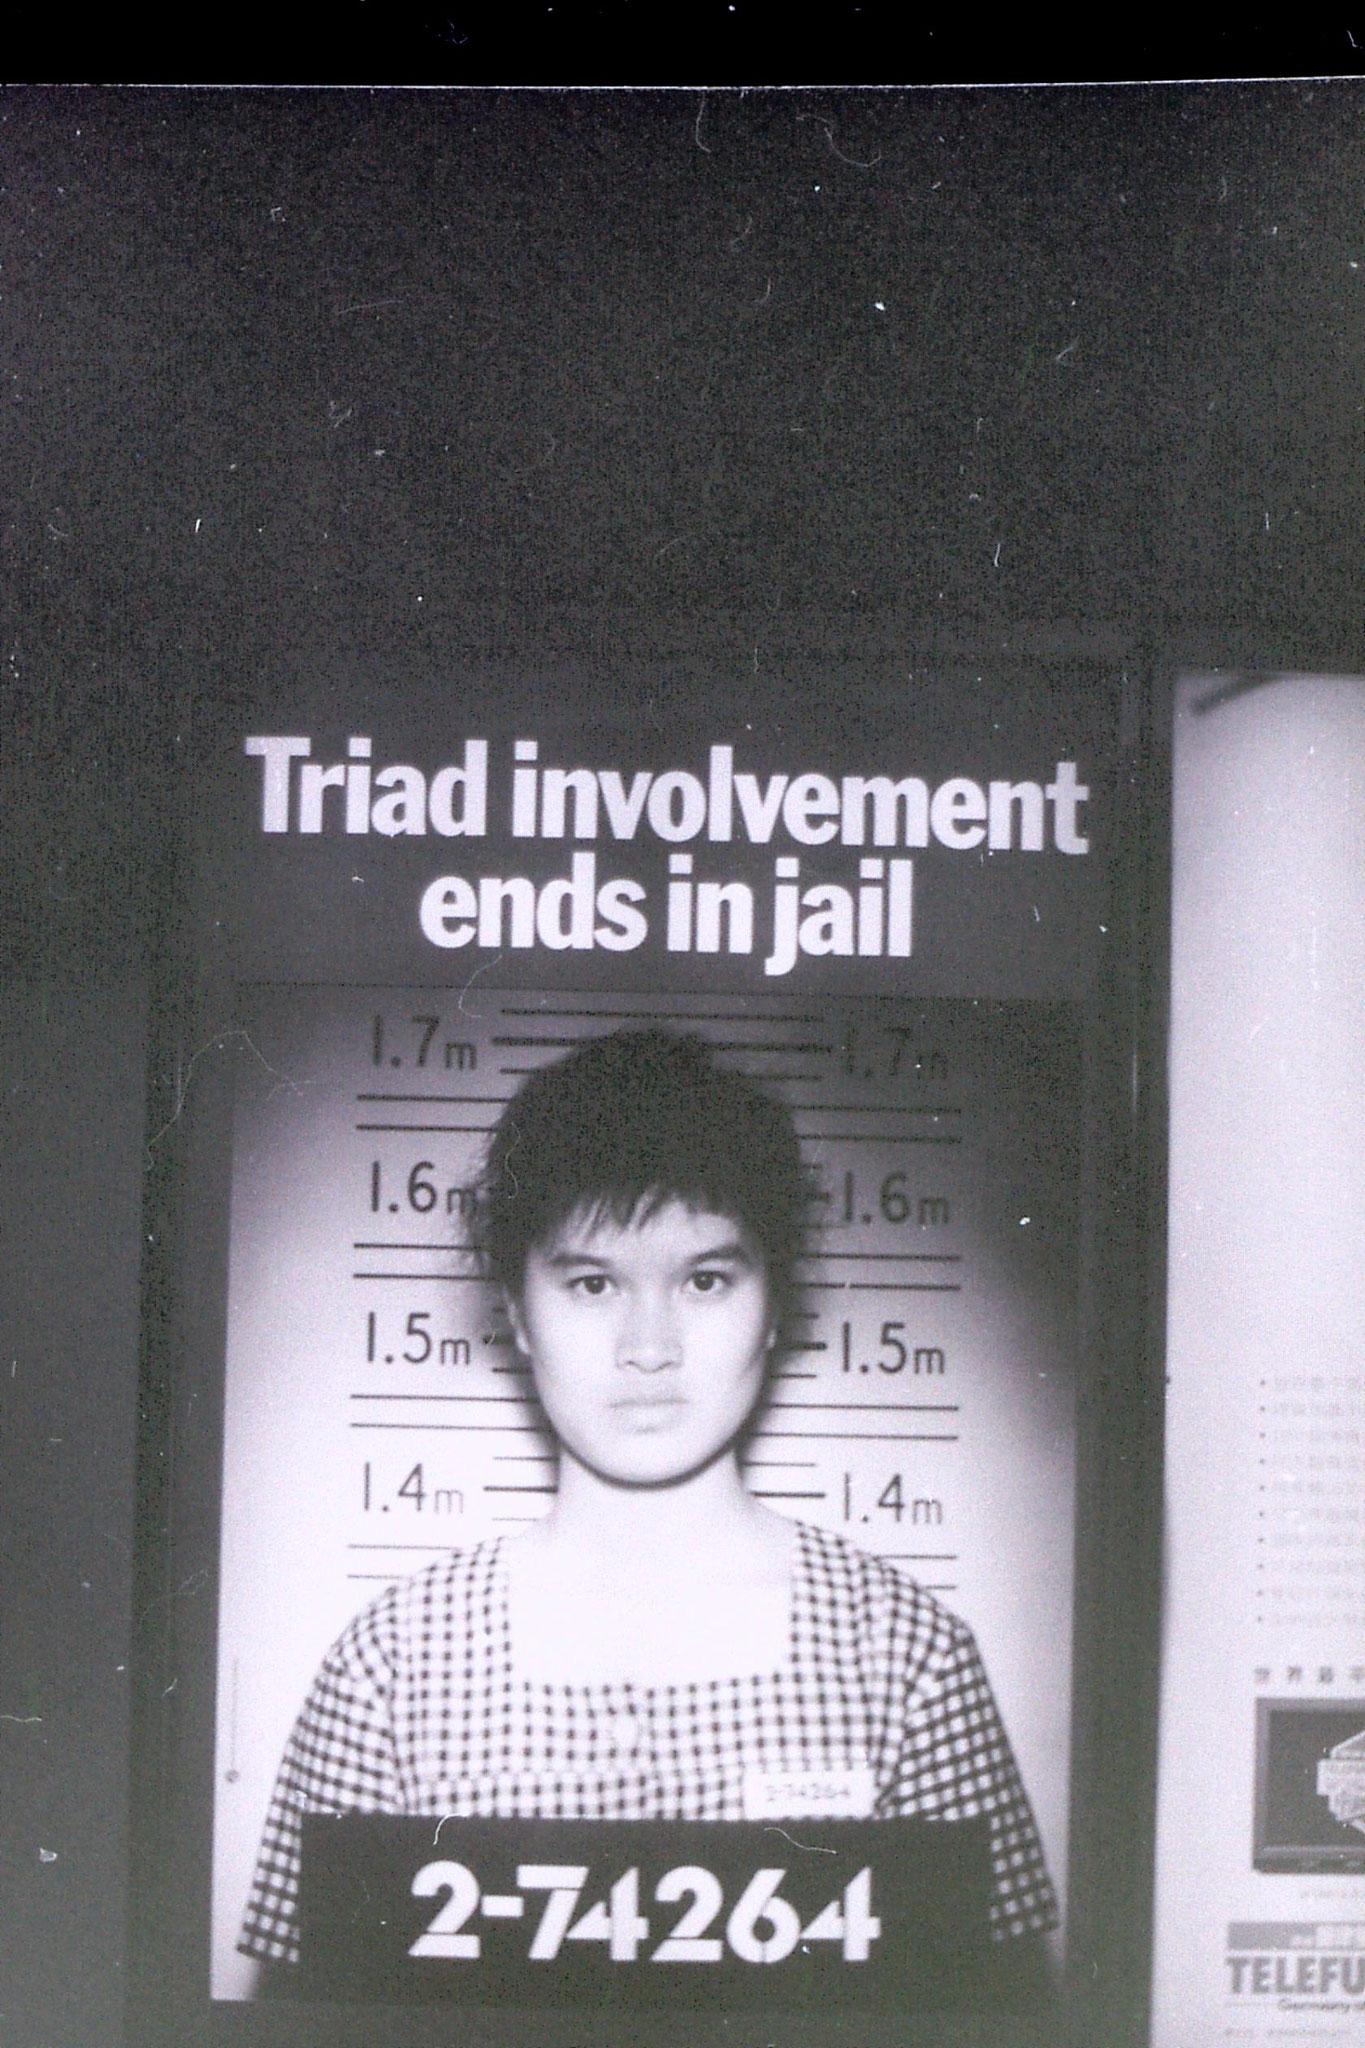 1/4/1989: Hong Kong: ani-Triad poster